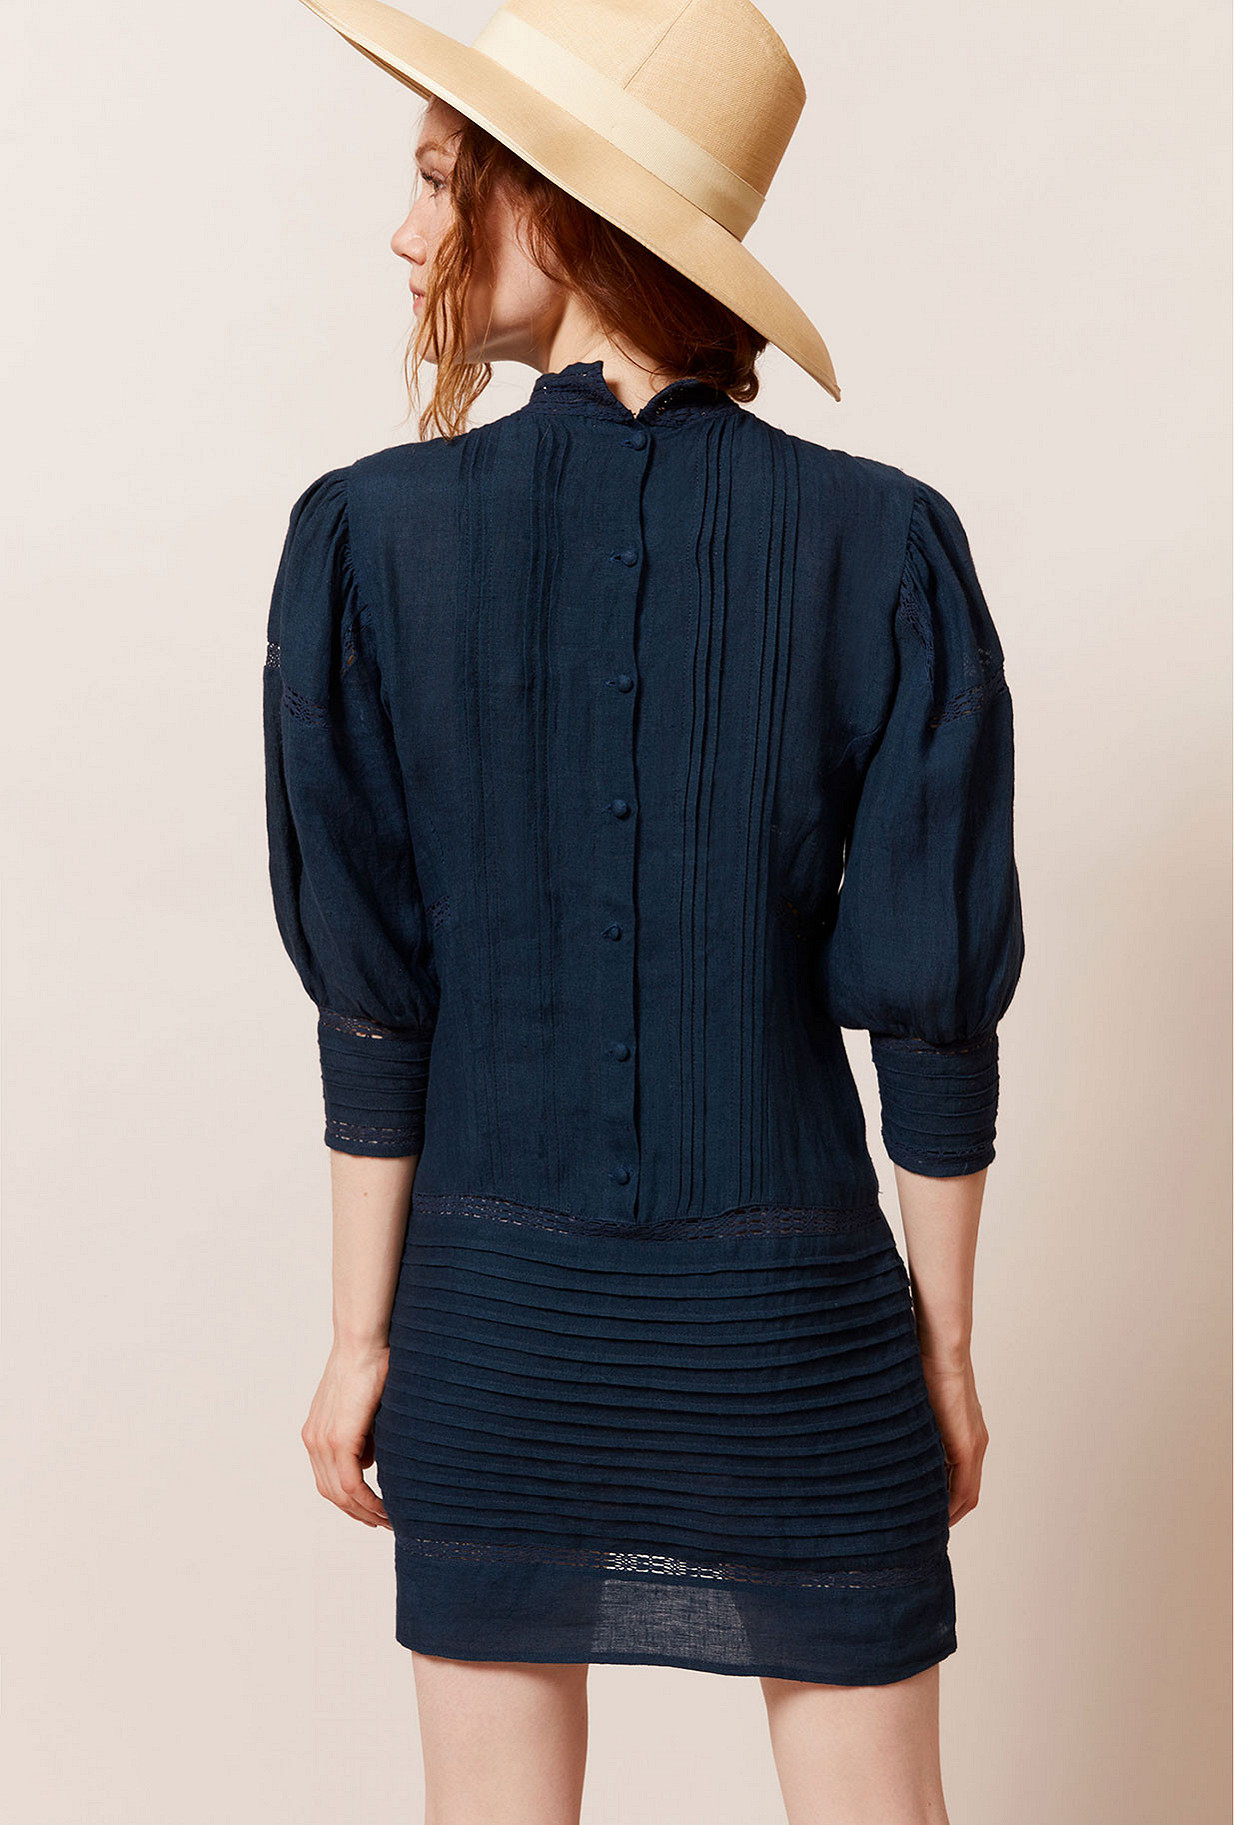 Paris clothes store Dress  Bianca french designer fashion Paris